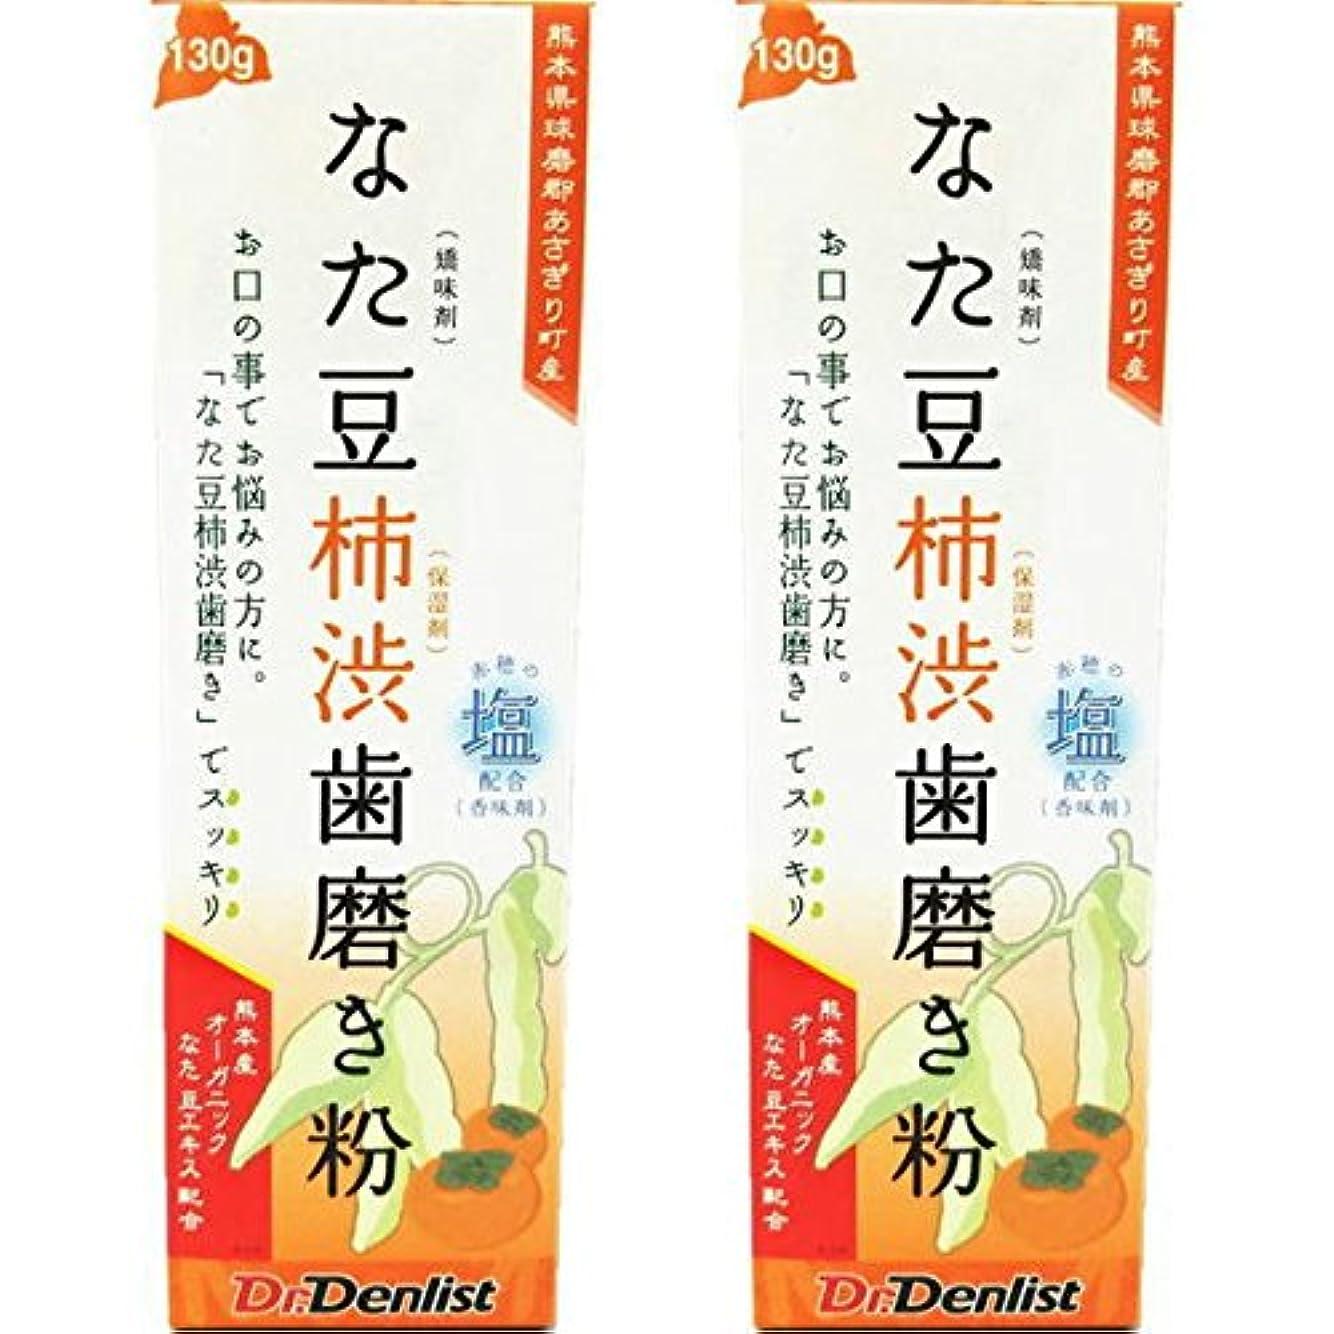 方法論オフセット手紙を書くなた豆柿渋歯磨き 130g 2個セット 国産 有機なた豆使用 赤穂の塩配合(香味剤)